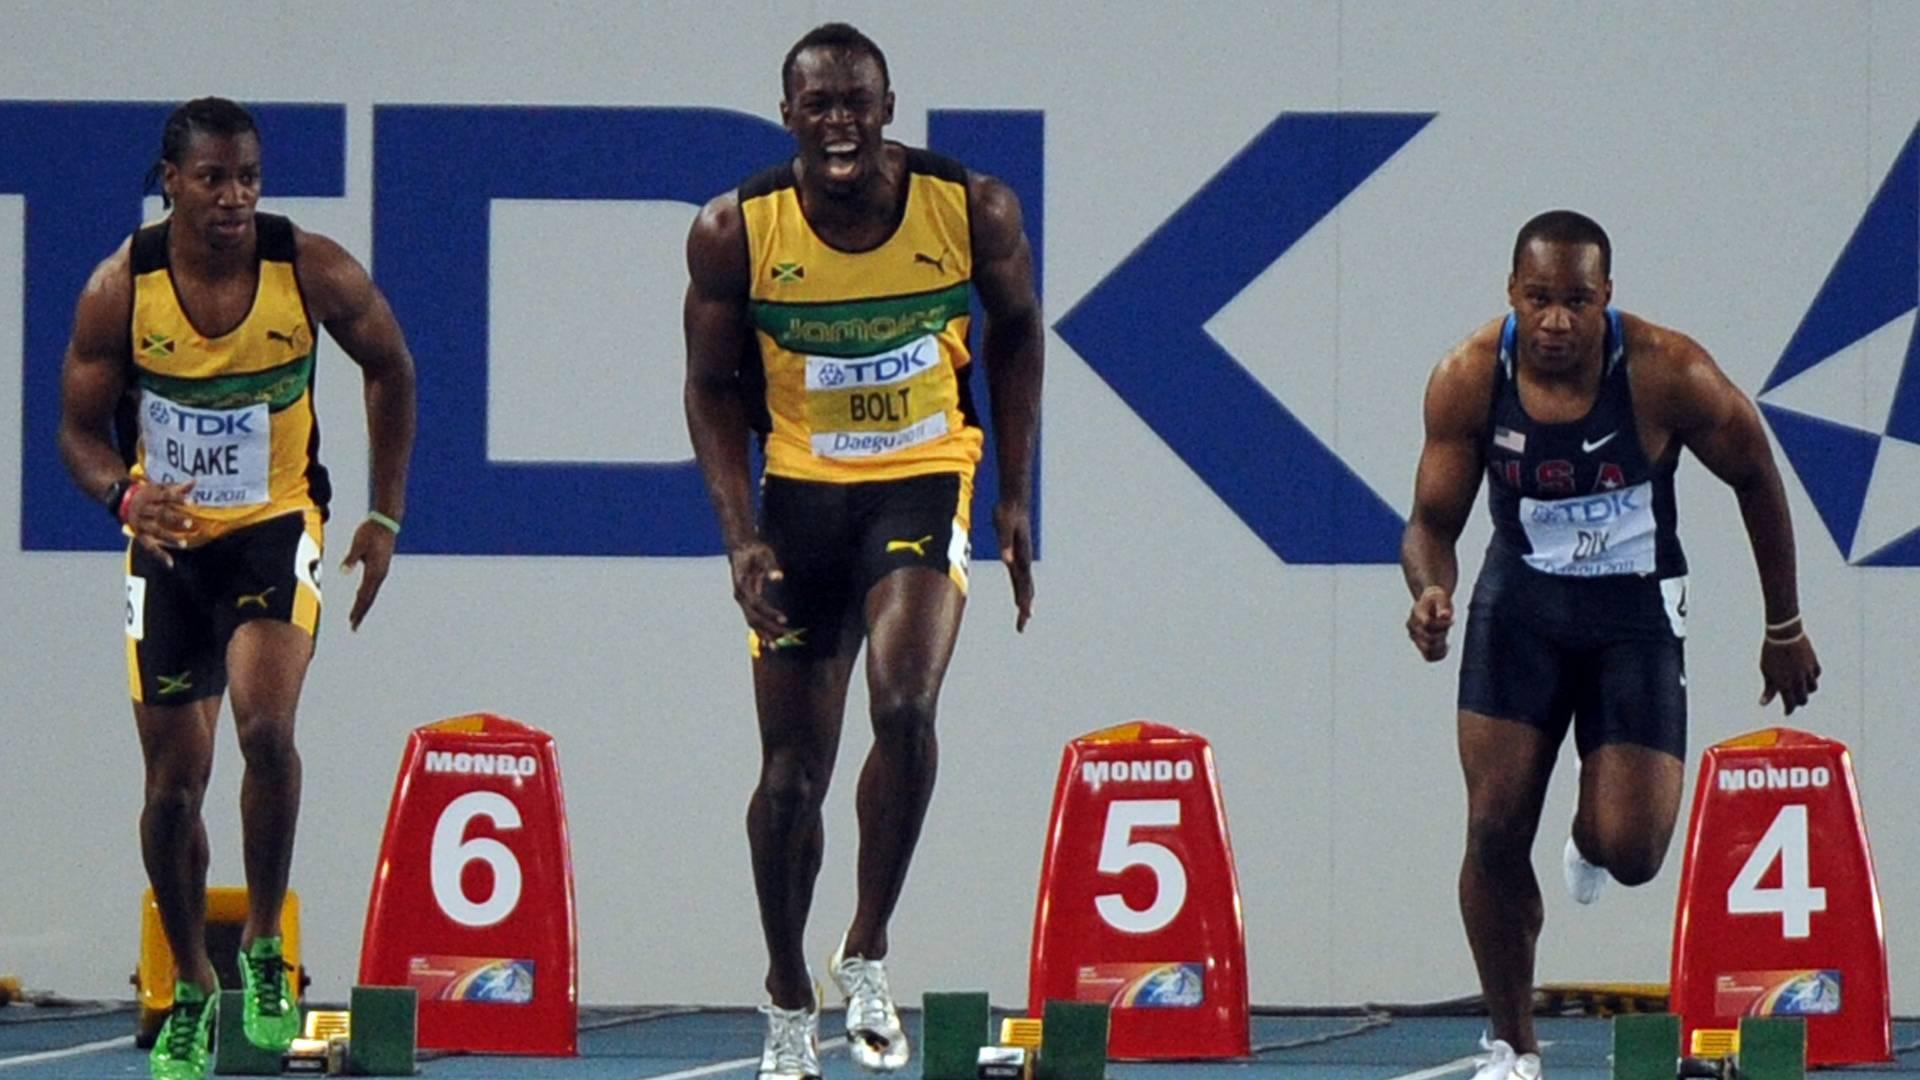 Recordista mundial, jamaicano Usain Bolt queima largada da final dos 100 m e perde chance do bi mundial (28/08/2011)